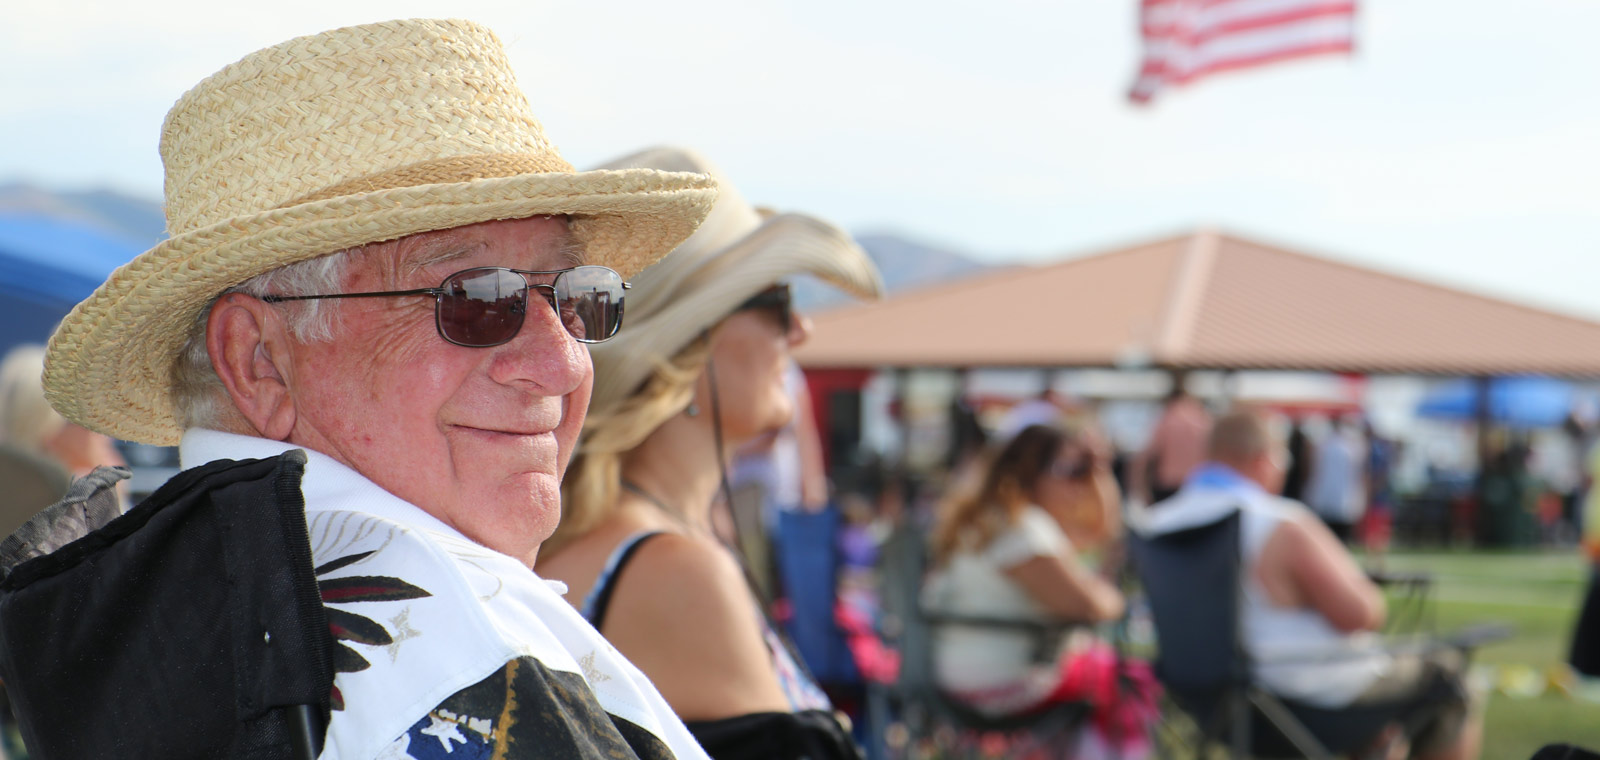 image: man at fairgrounds